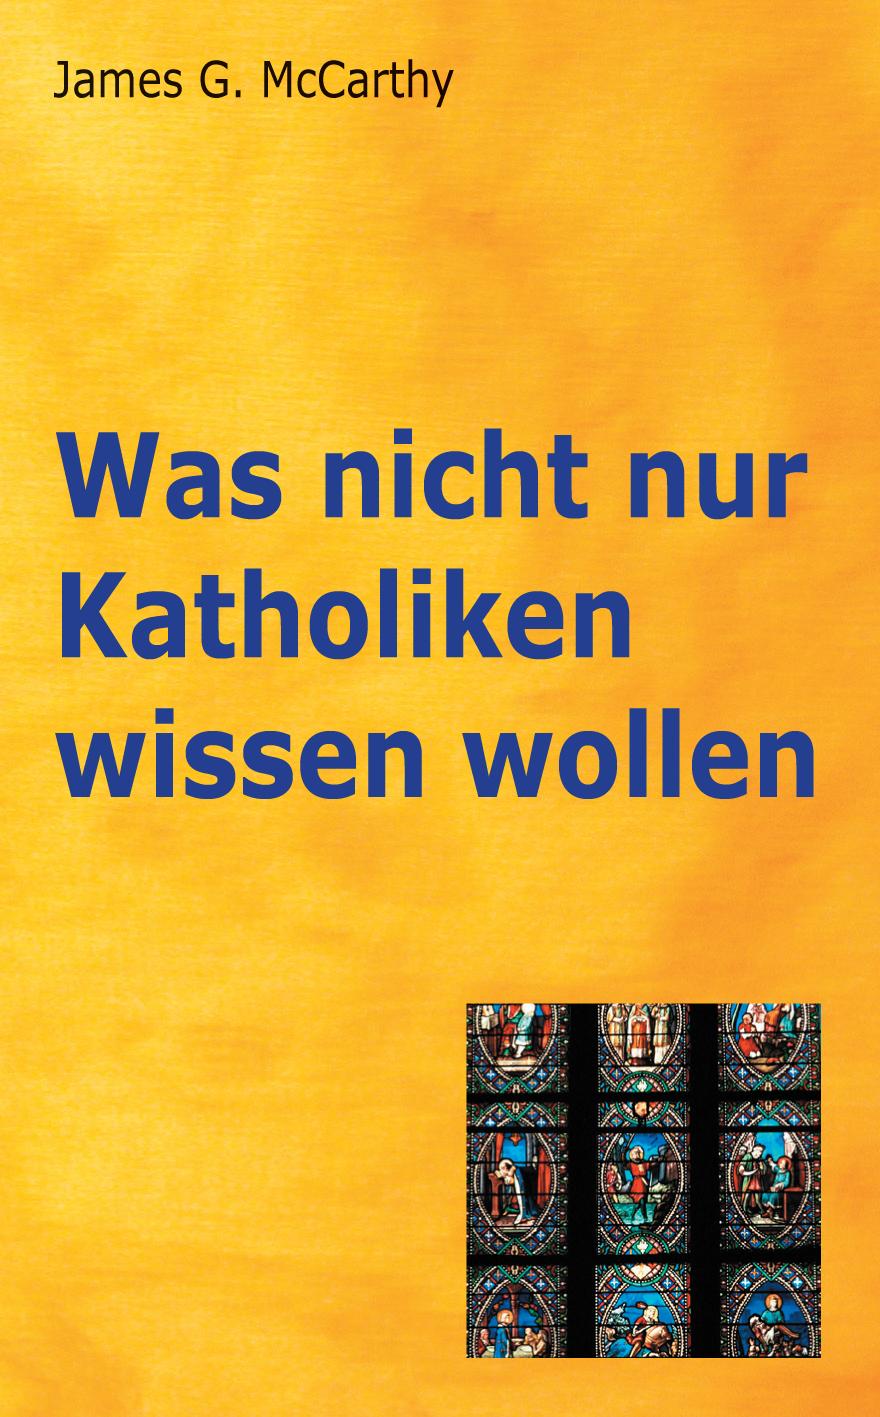 CLV_was-nicht-nur-katholiken-wissen-wollen_james-g-mccarthy_255434_1